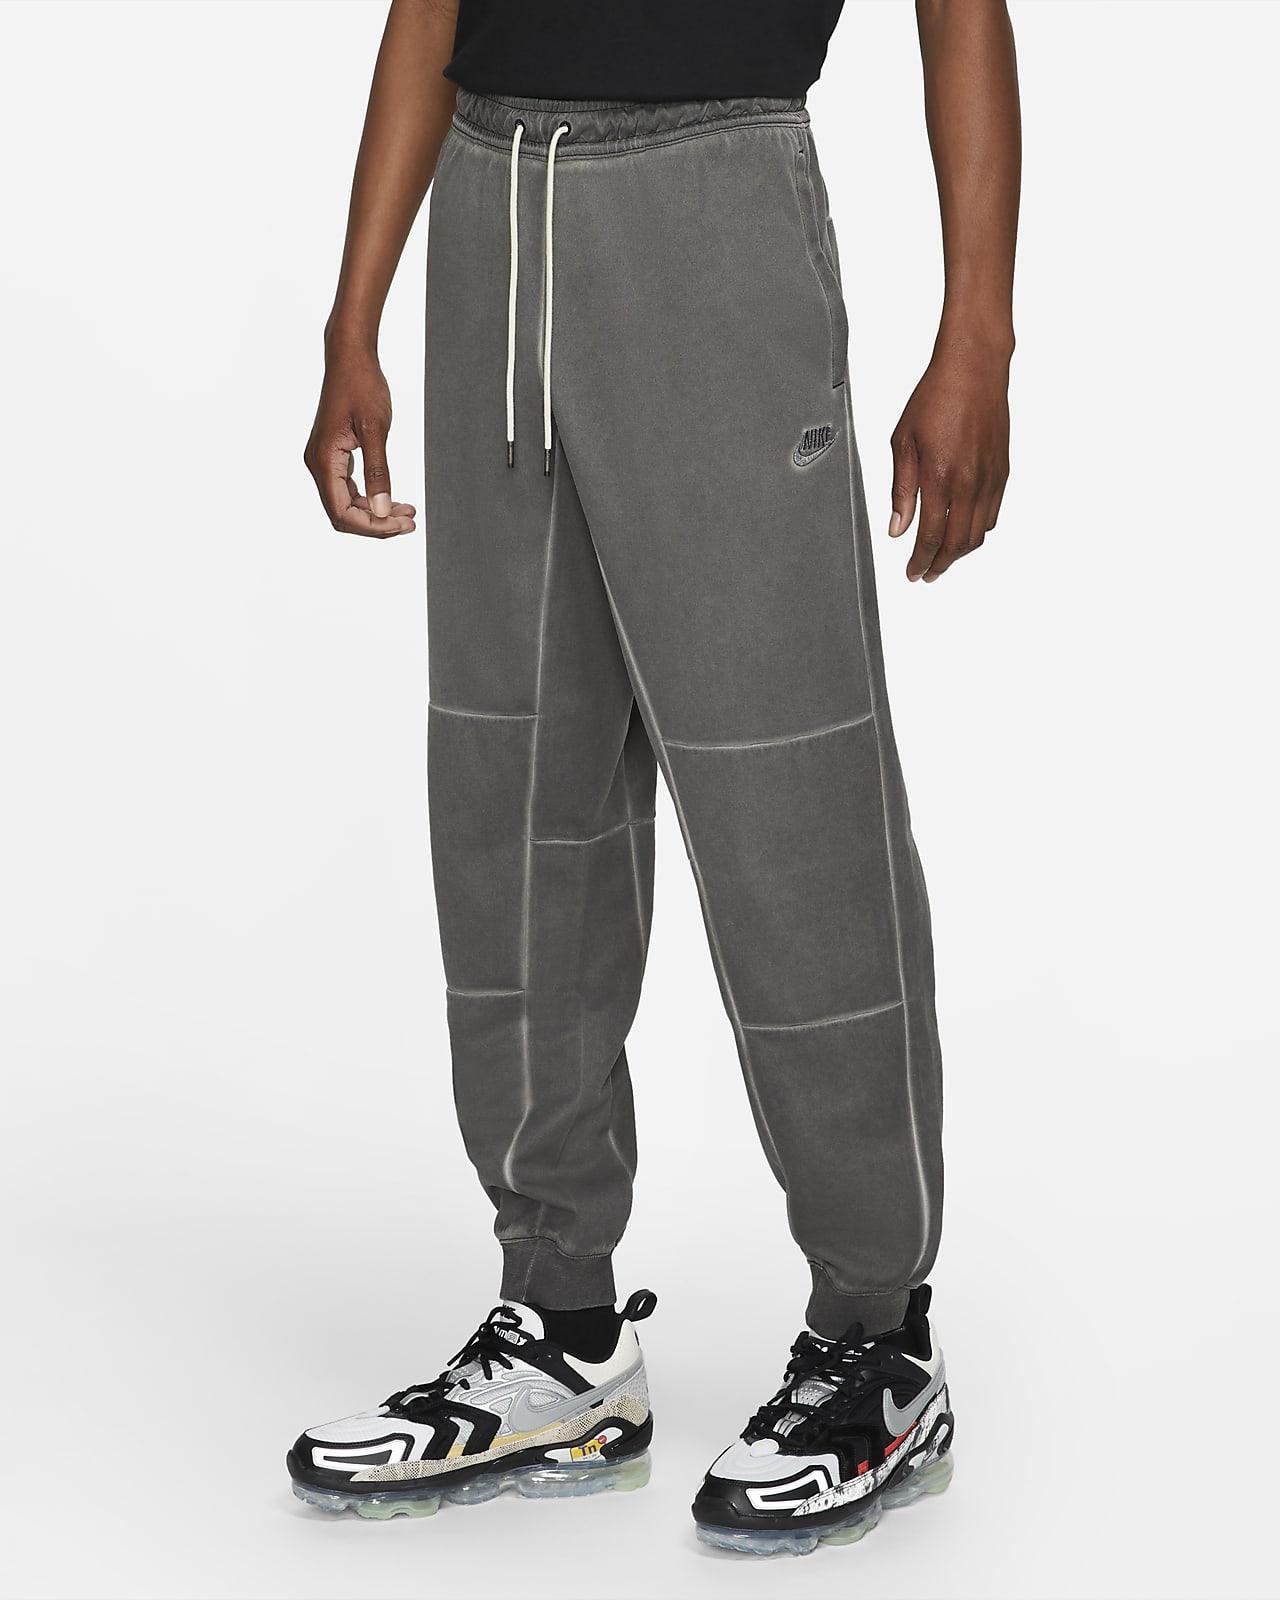 Pantalones de tejido de punto para hombre Nike Sportswear